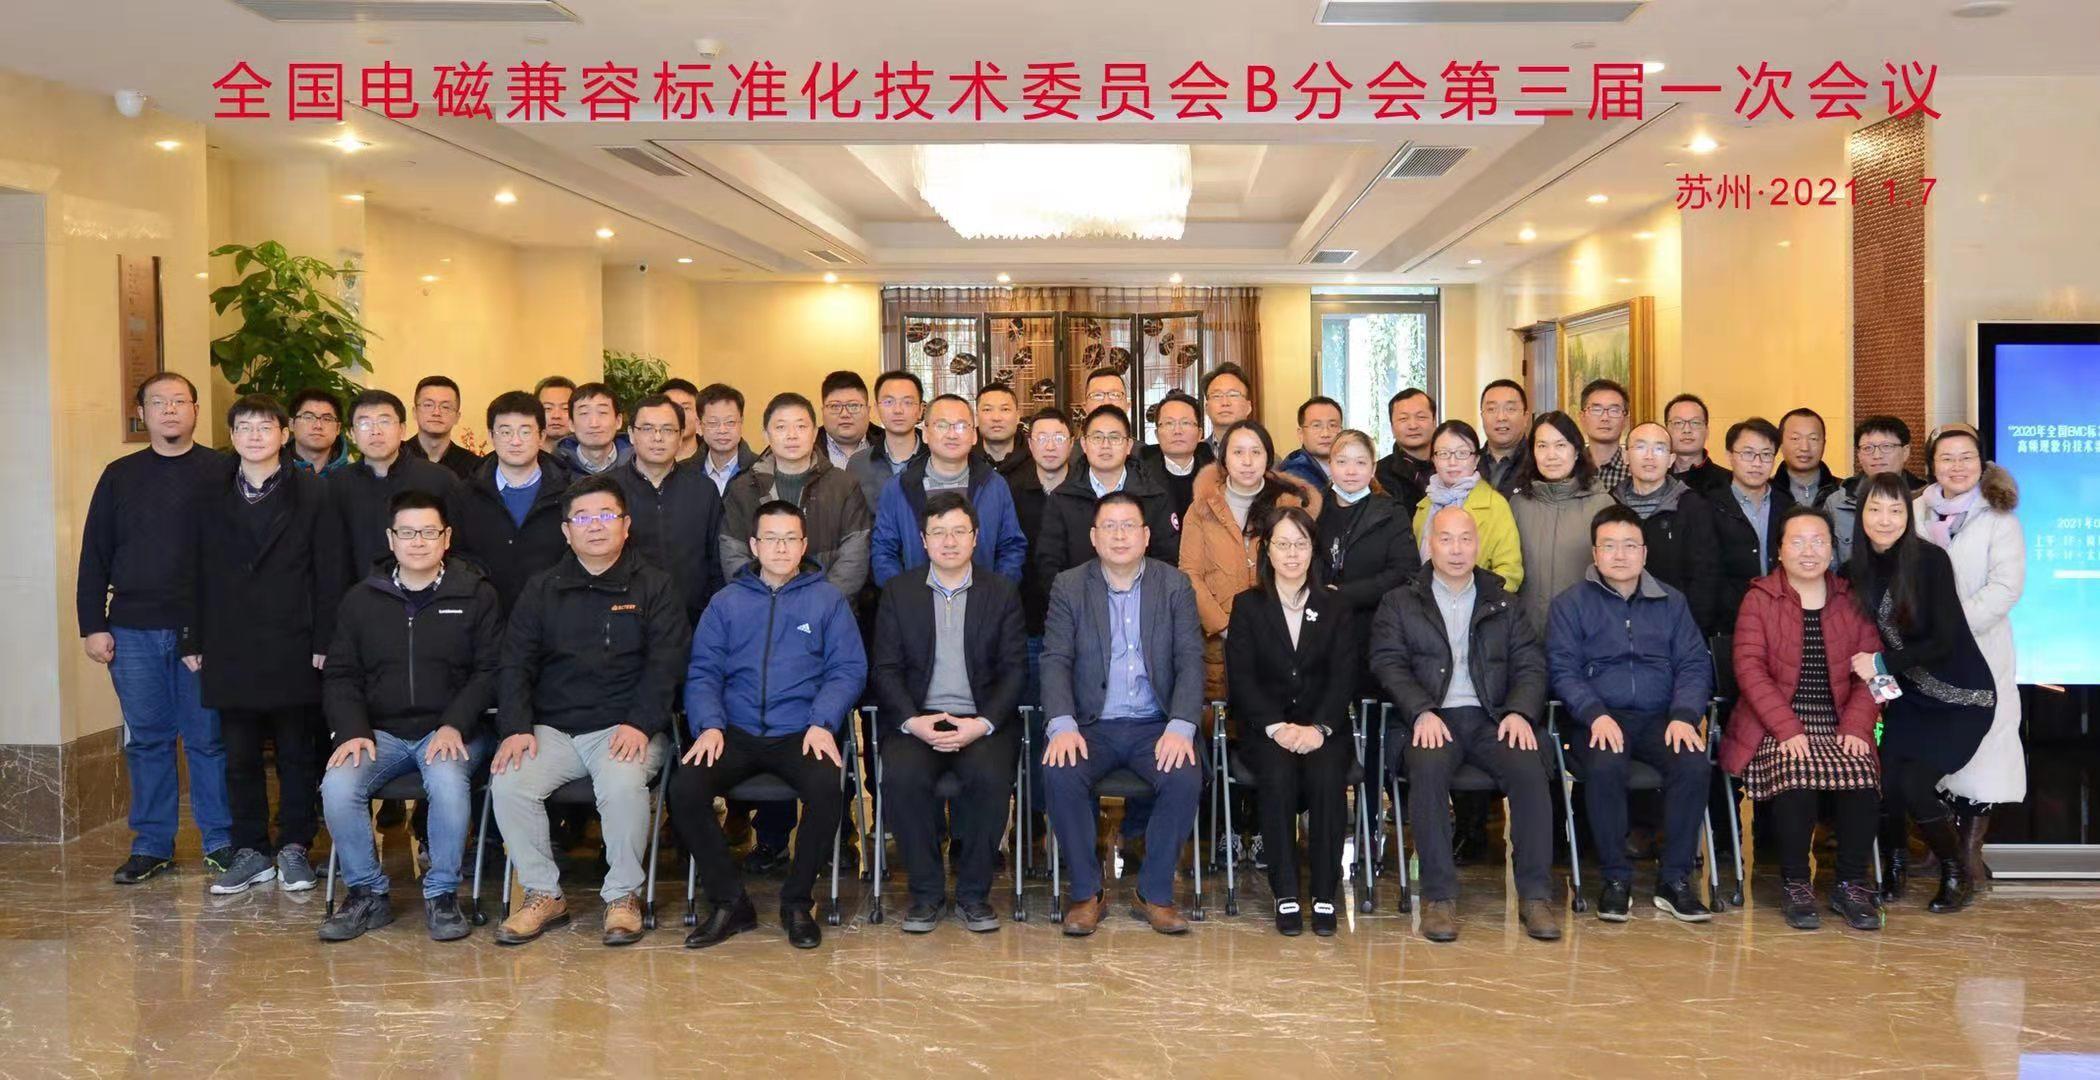 上海凌世参与全国电磁兼容标准化技术委员会标准制定